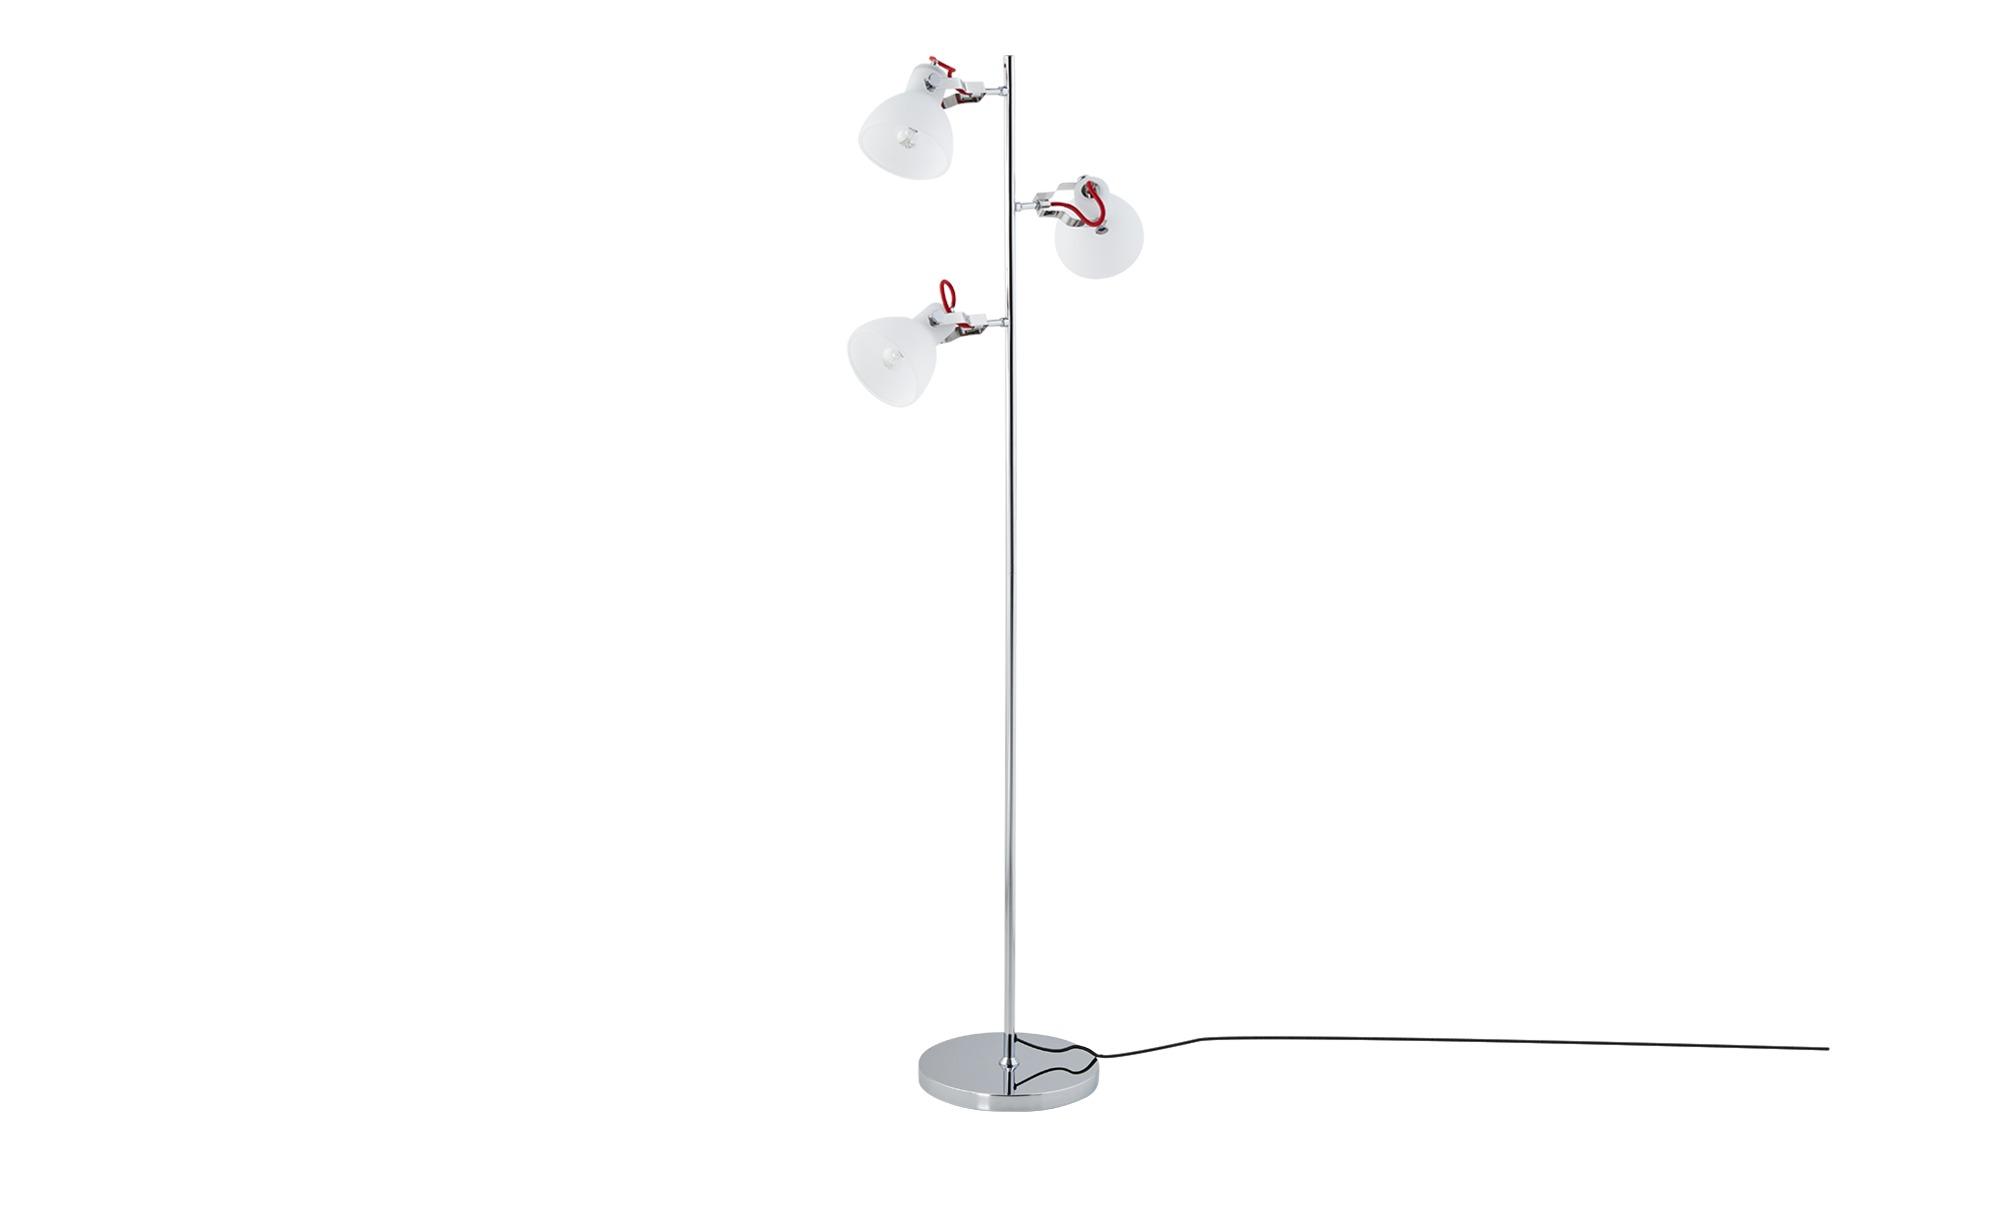 KHG Stehleuchte, 3-flammig, chrom ¦ Maße (cm): B: 25 H: 145 Lampen & Leuchten > Innenleuchten > Stehlampen - Höffner